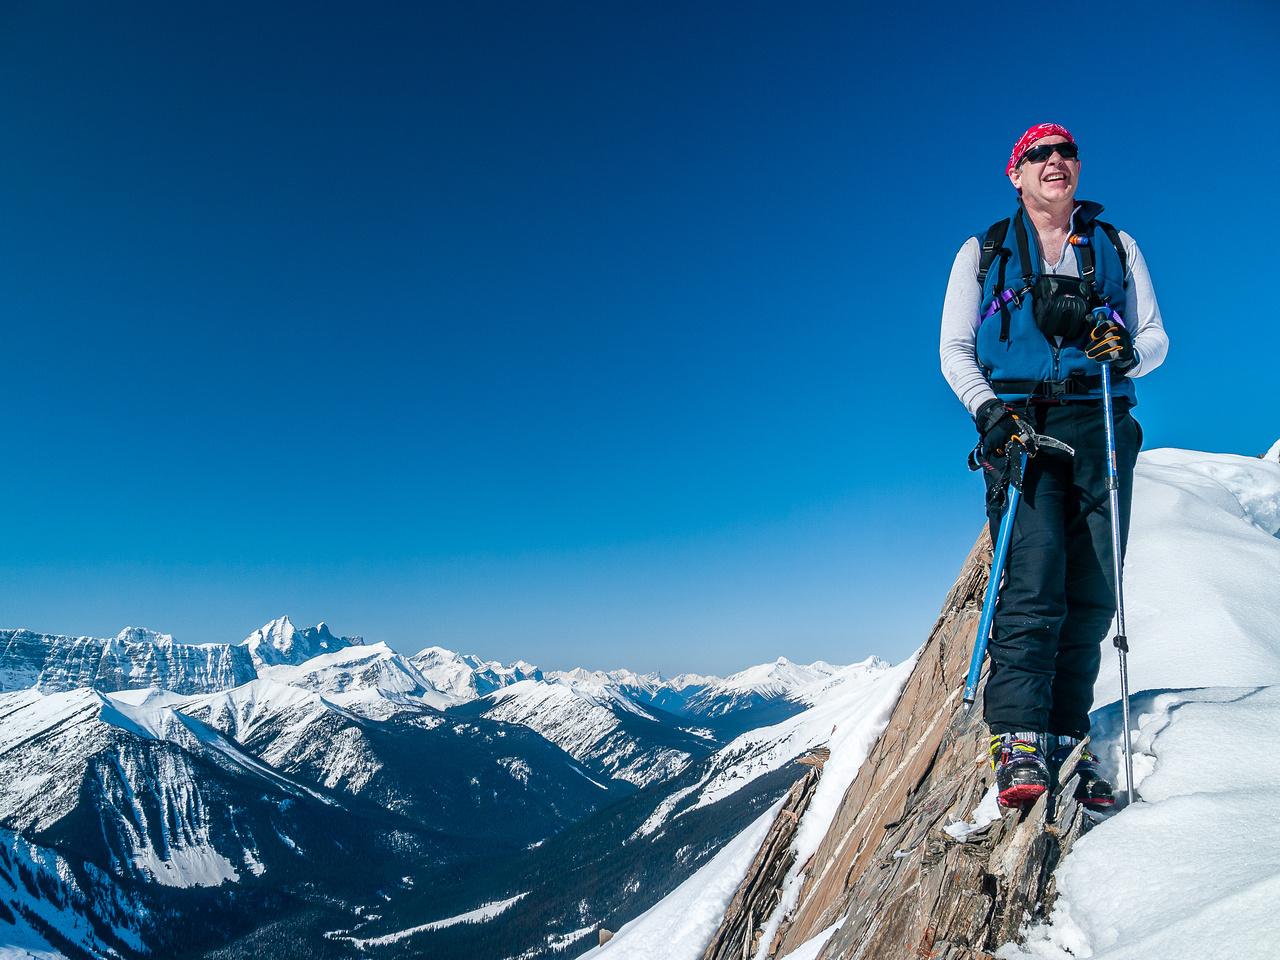 Scott on the summit ridge.